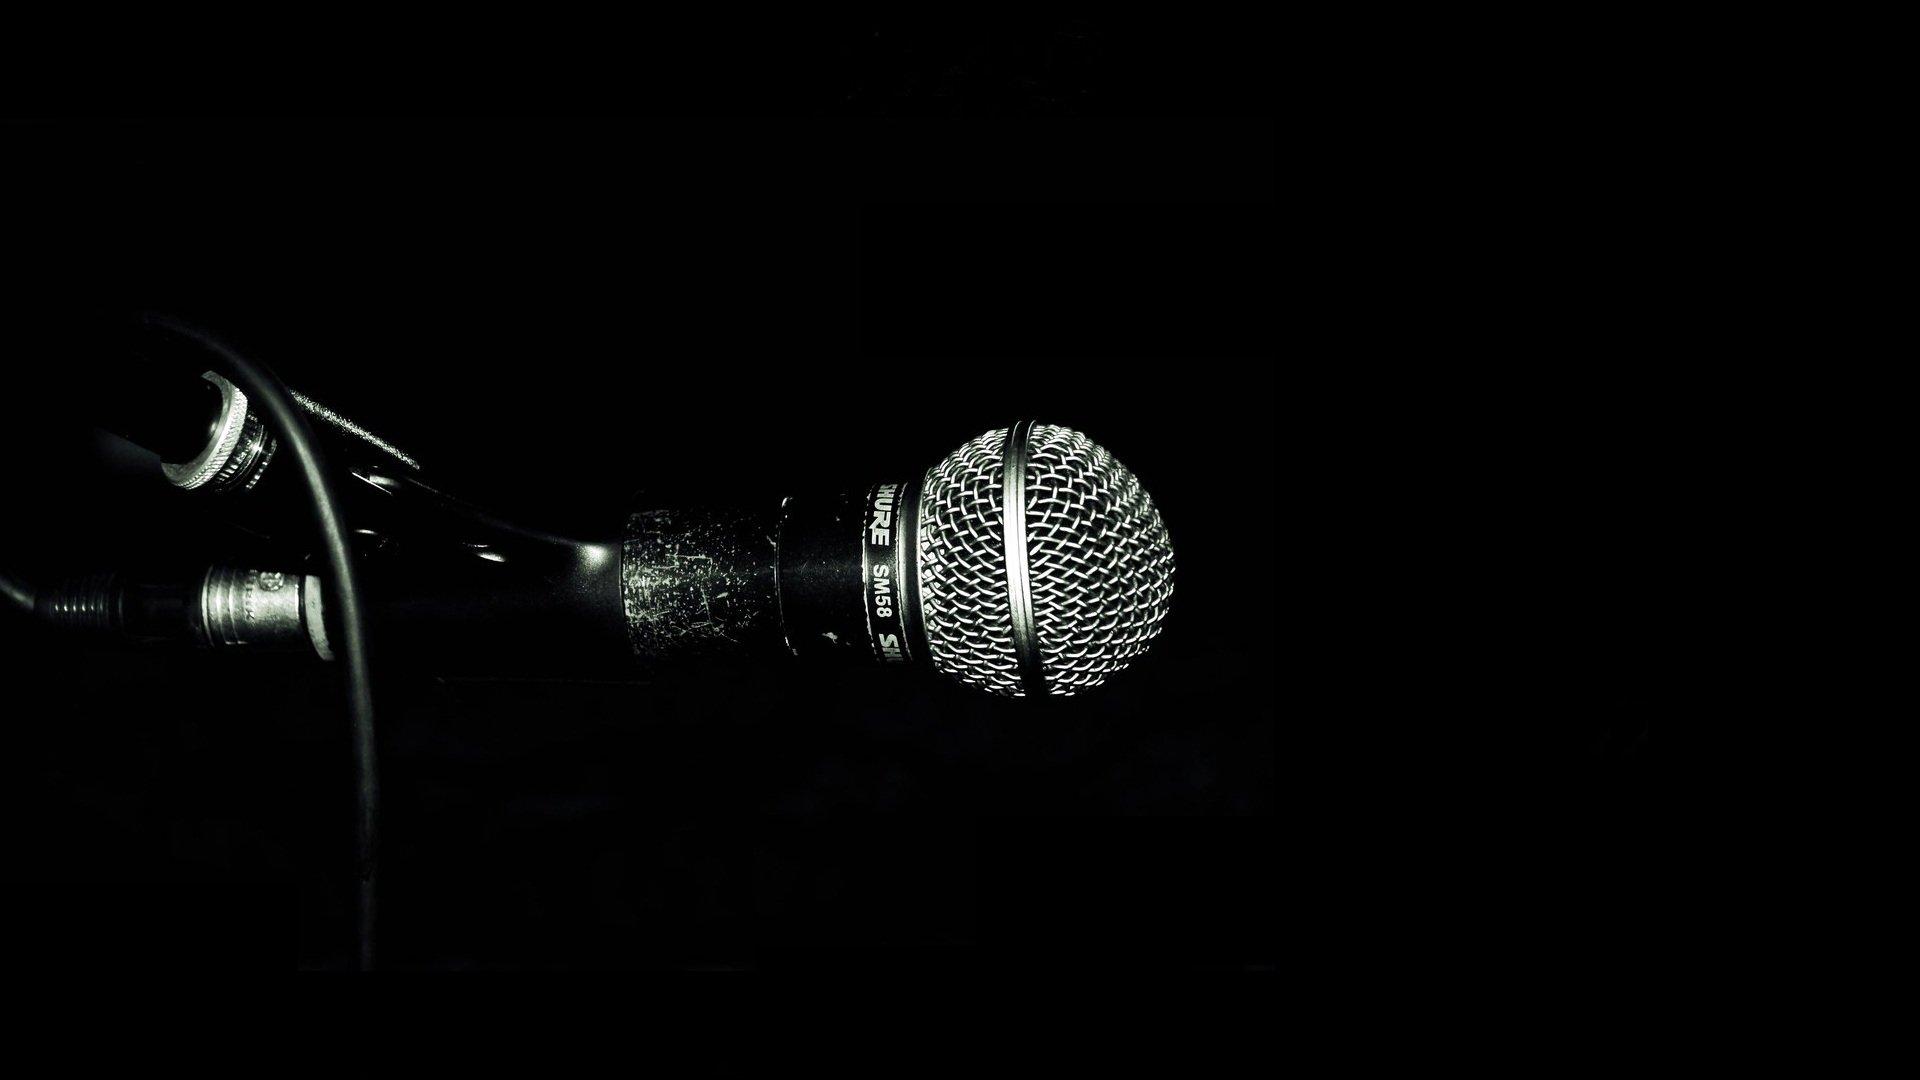 Музыка колонки с микрофоном в хорошем качестве